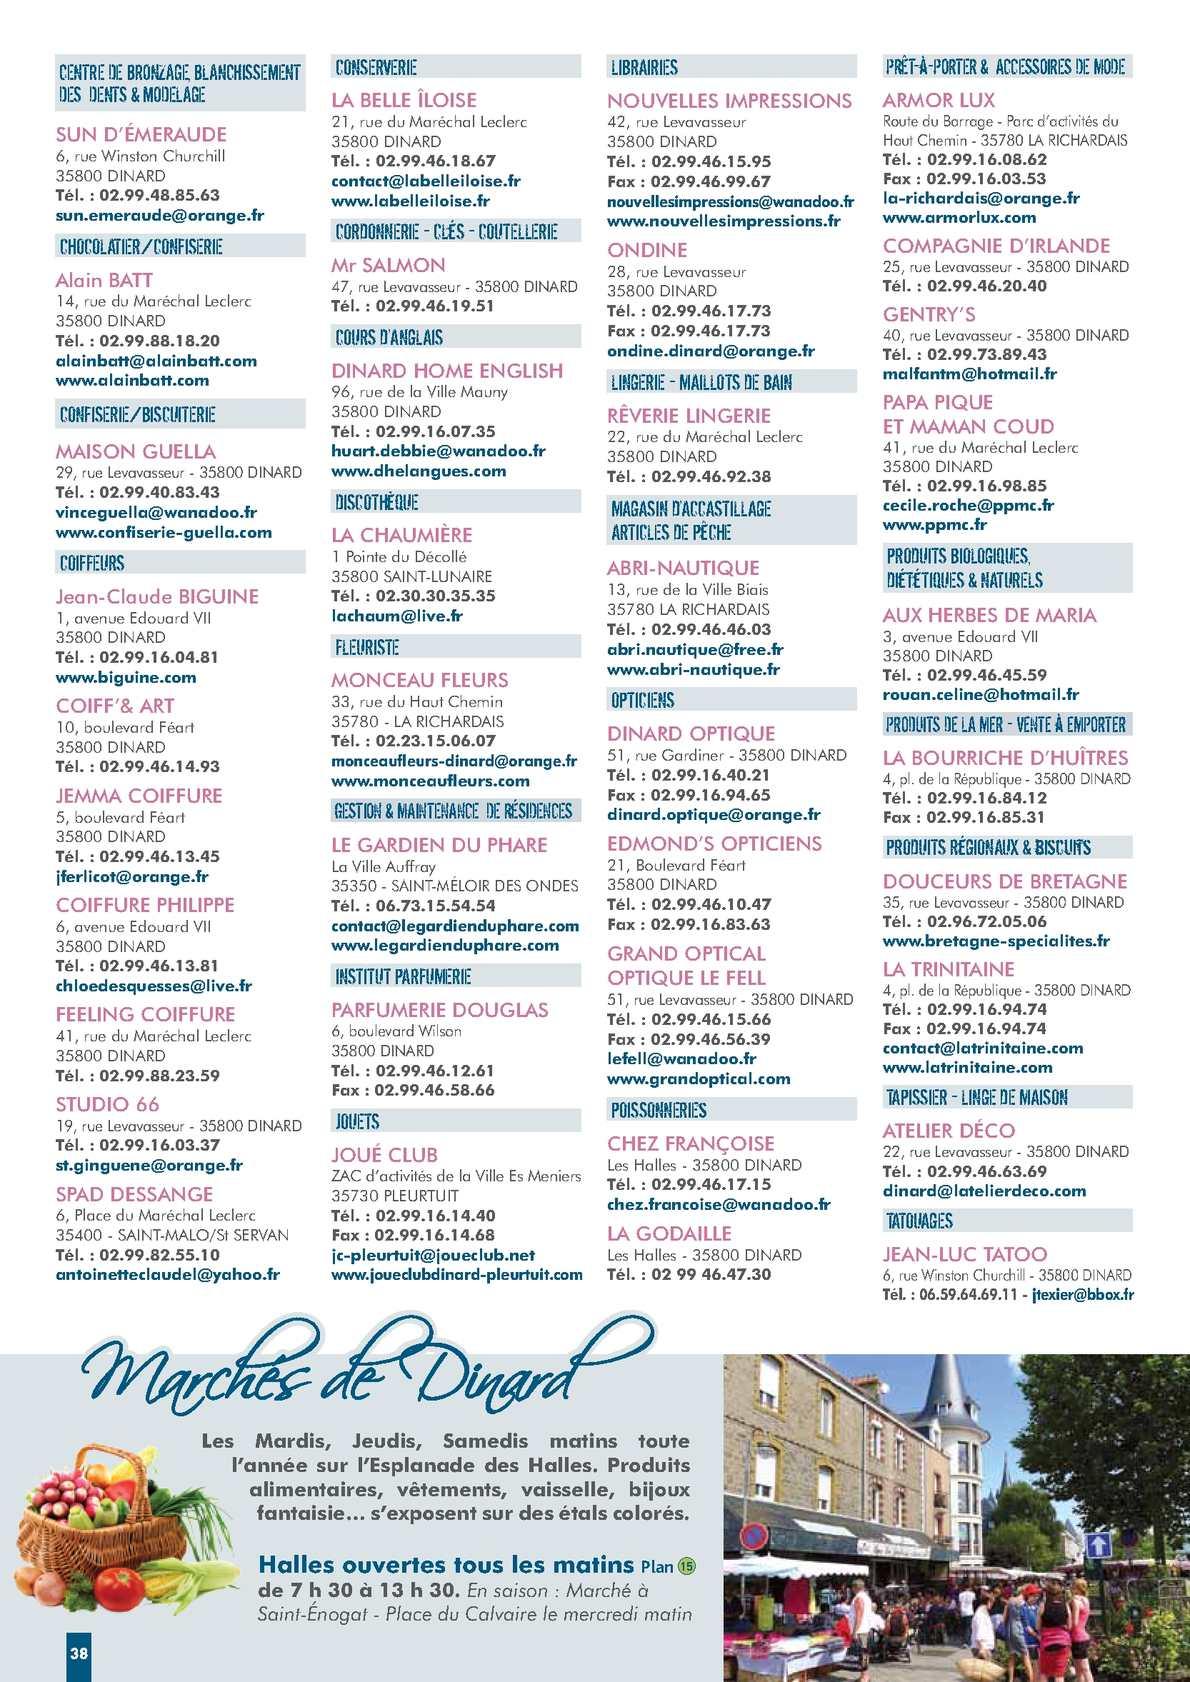 Guide Pratique Dinard 2013 Calameo Downloader